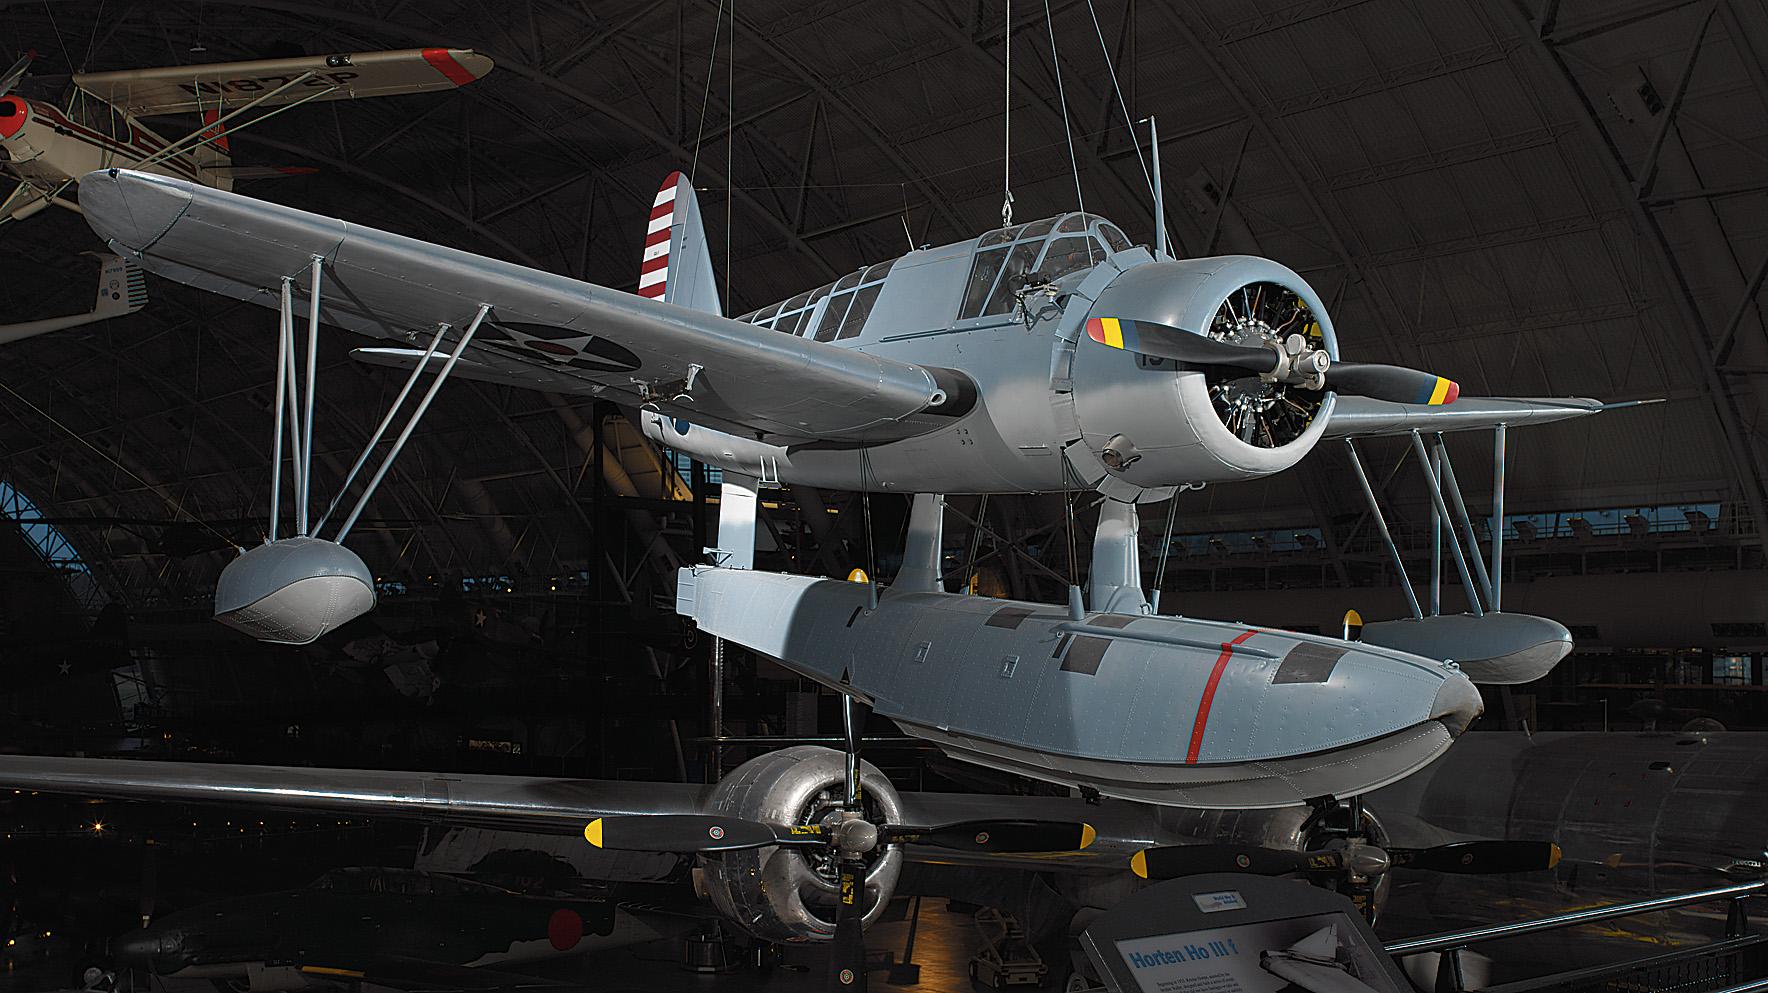 Vought-Sikorsky 0S2U-3 Kingfisher at the Udvar-Hazy Center